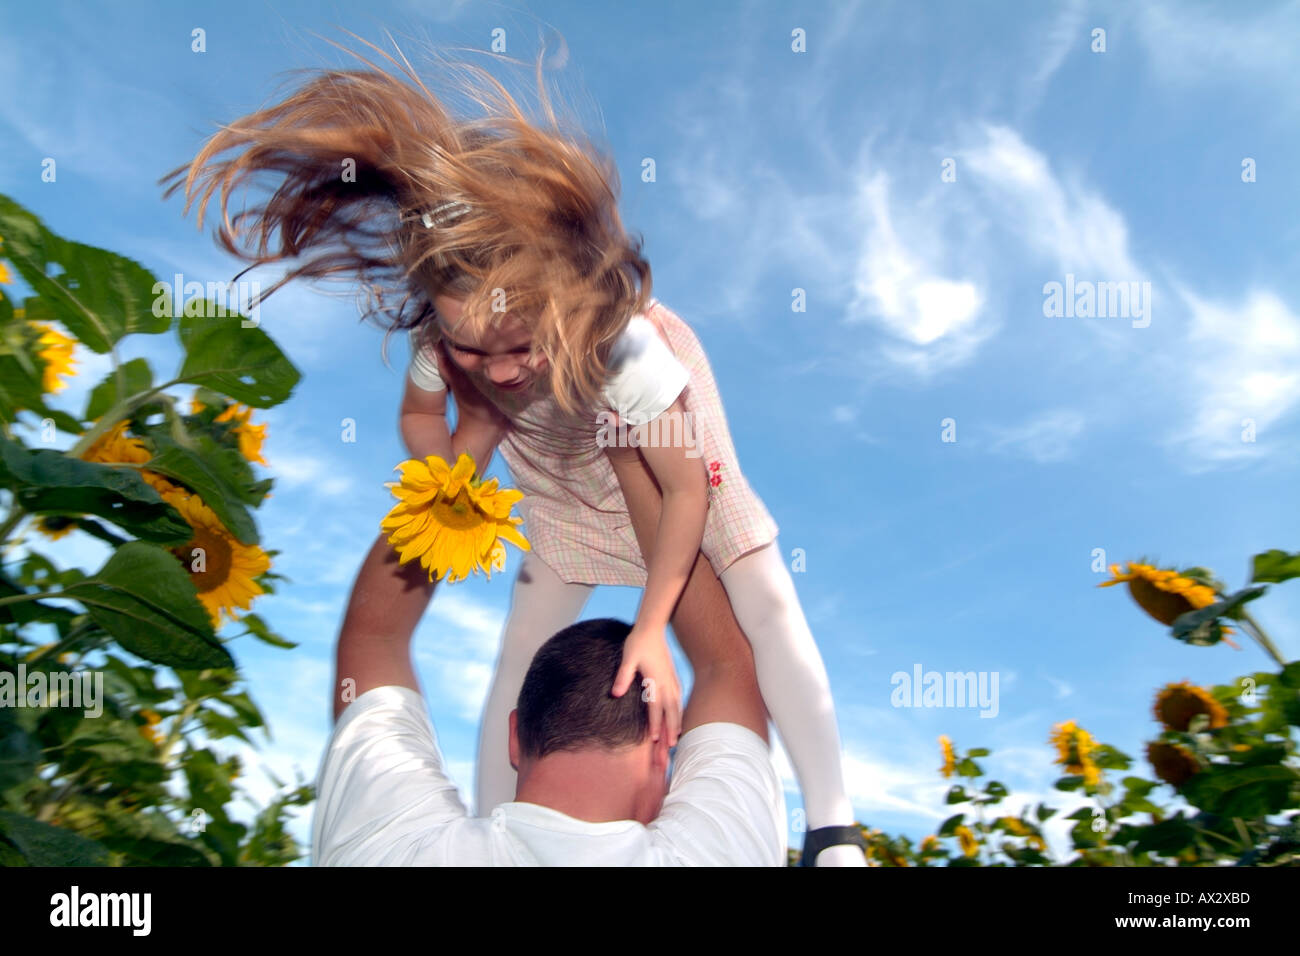 7 anni bambino felice con fiori ragazza estate felicità di semi di girasole Immagini Stock